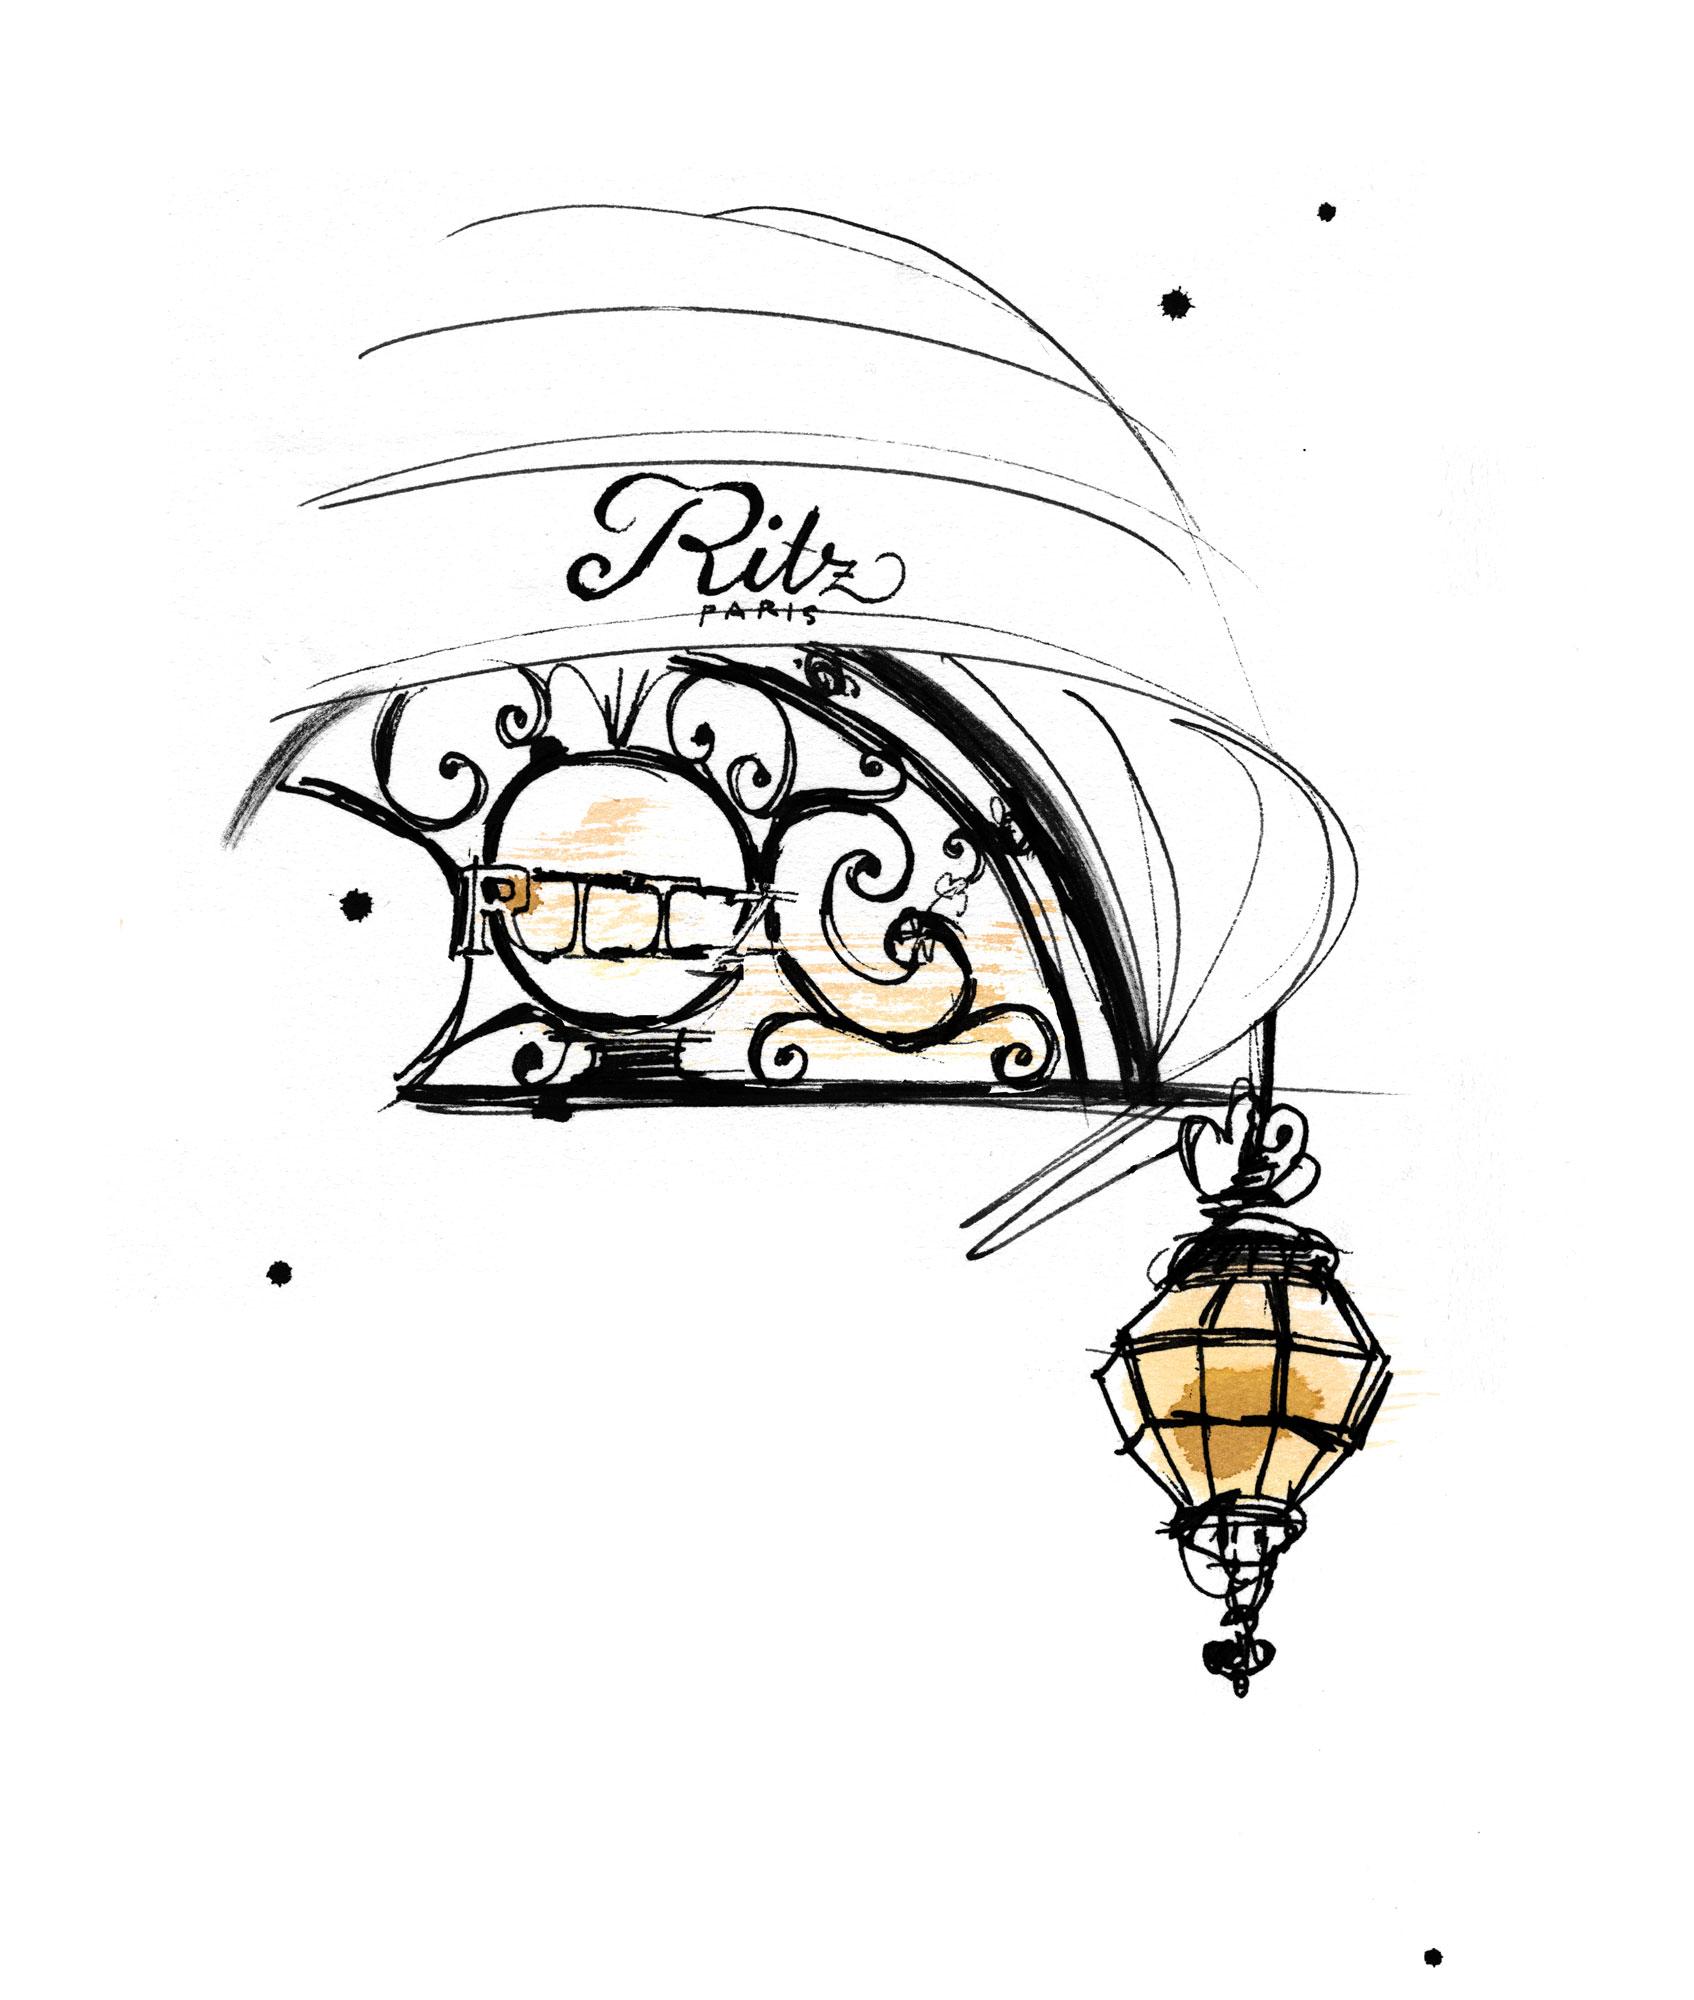 Ritz-detail-x